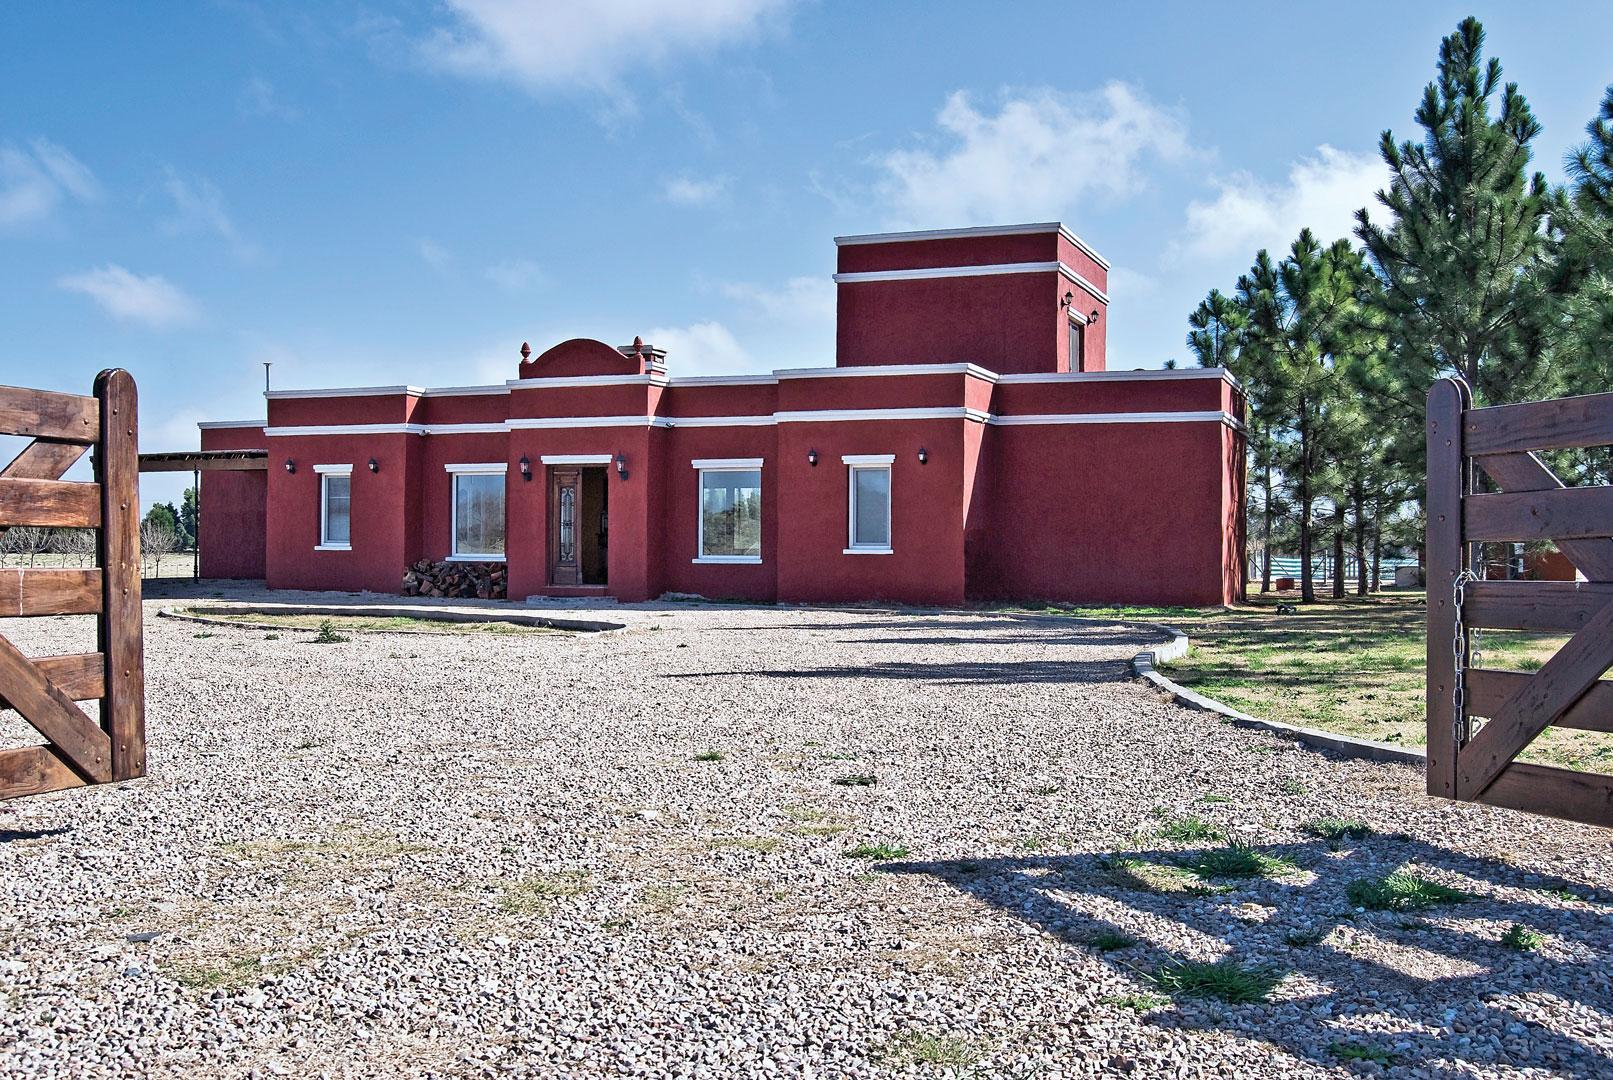 Casa de campo argentino portal de arquitectos for Casas de campo argentina diseno